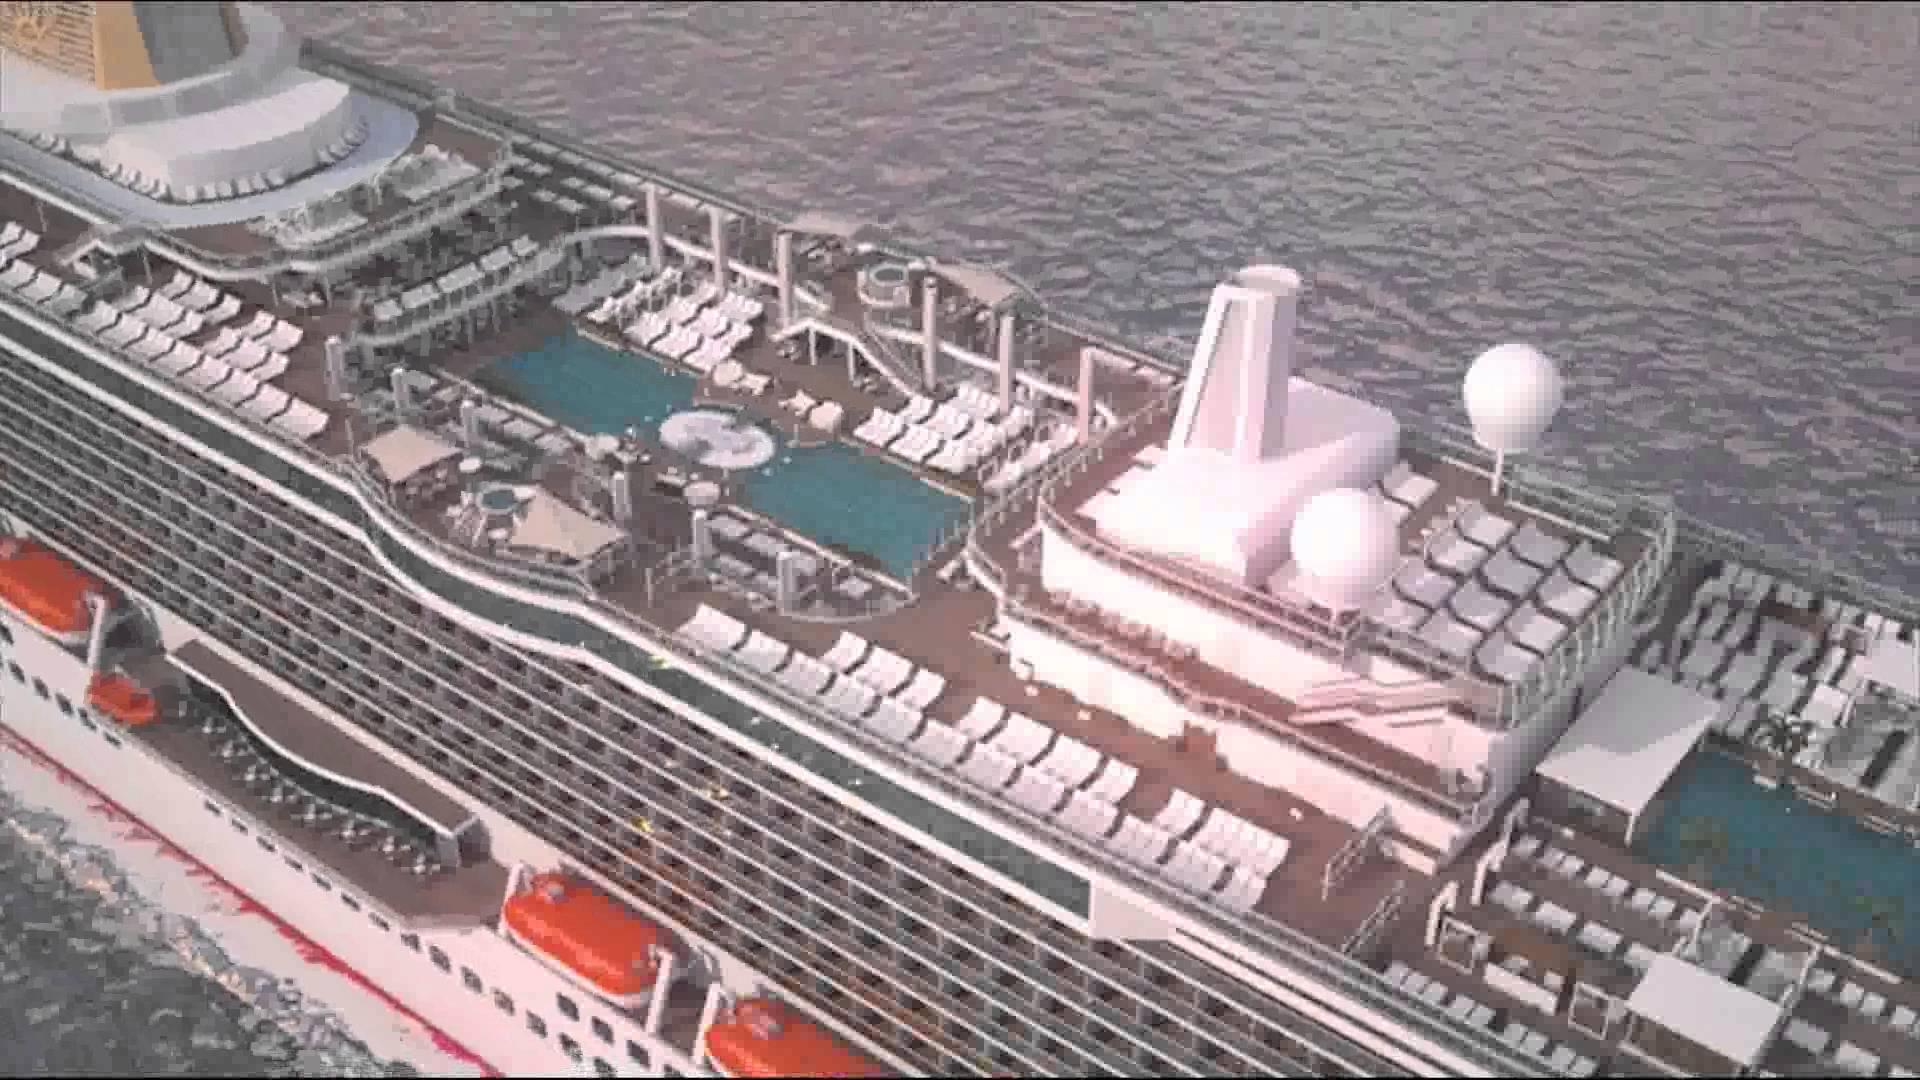 PampO Cruises Reveals UKs Biggest Ever Cruise Ship As Britannia